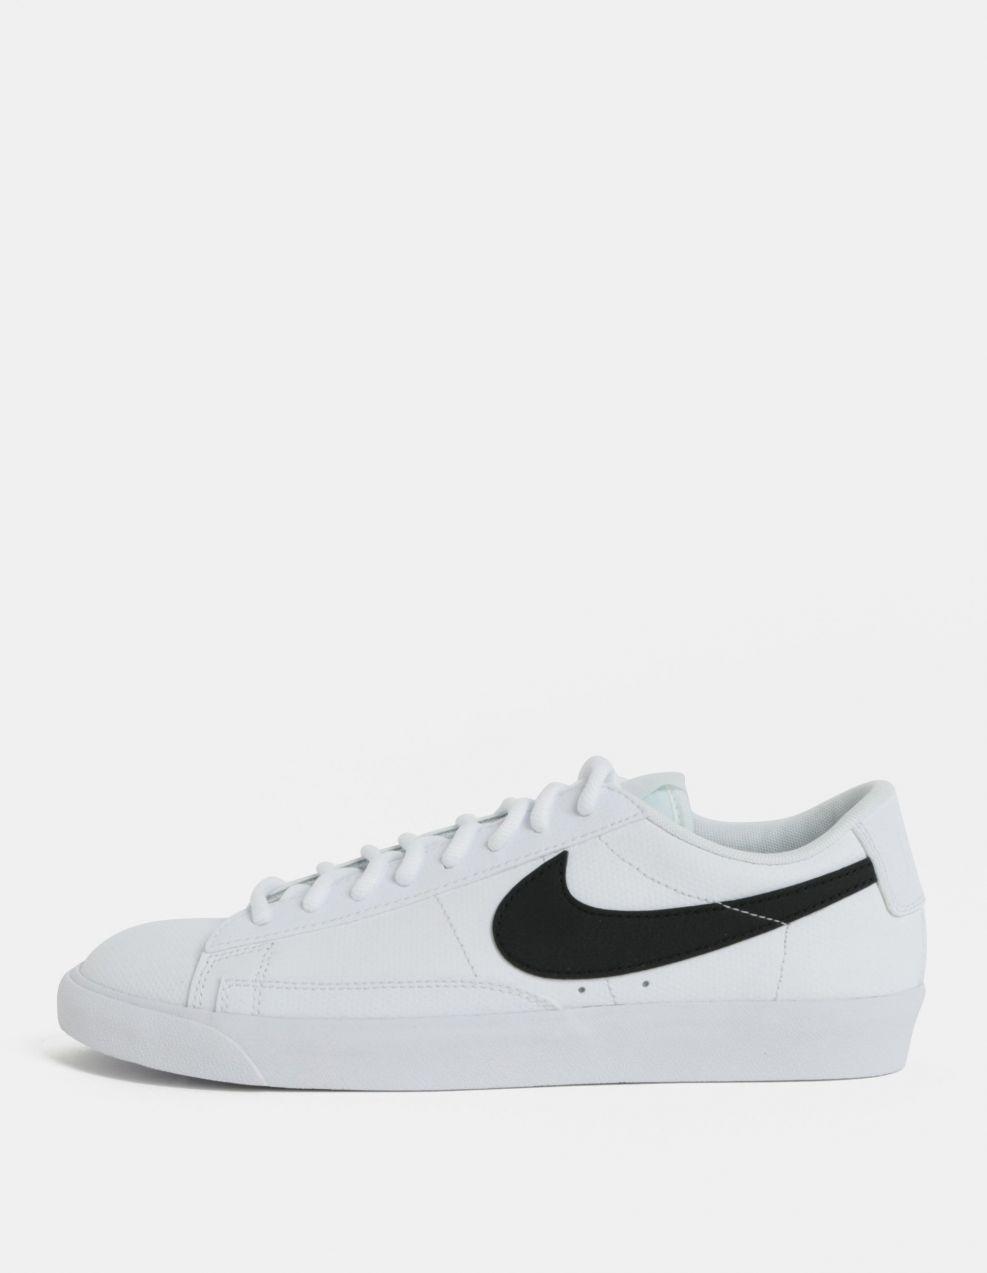 21198088e109 Biele pánske kožené tenisky Nike Blazer Low značky Nike - Lovely.sk